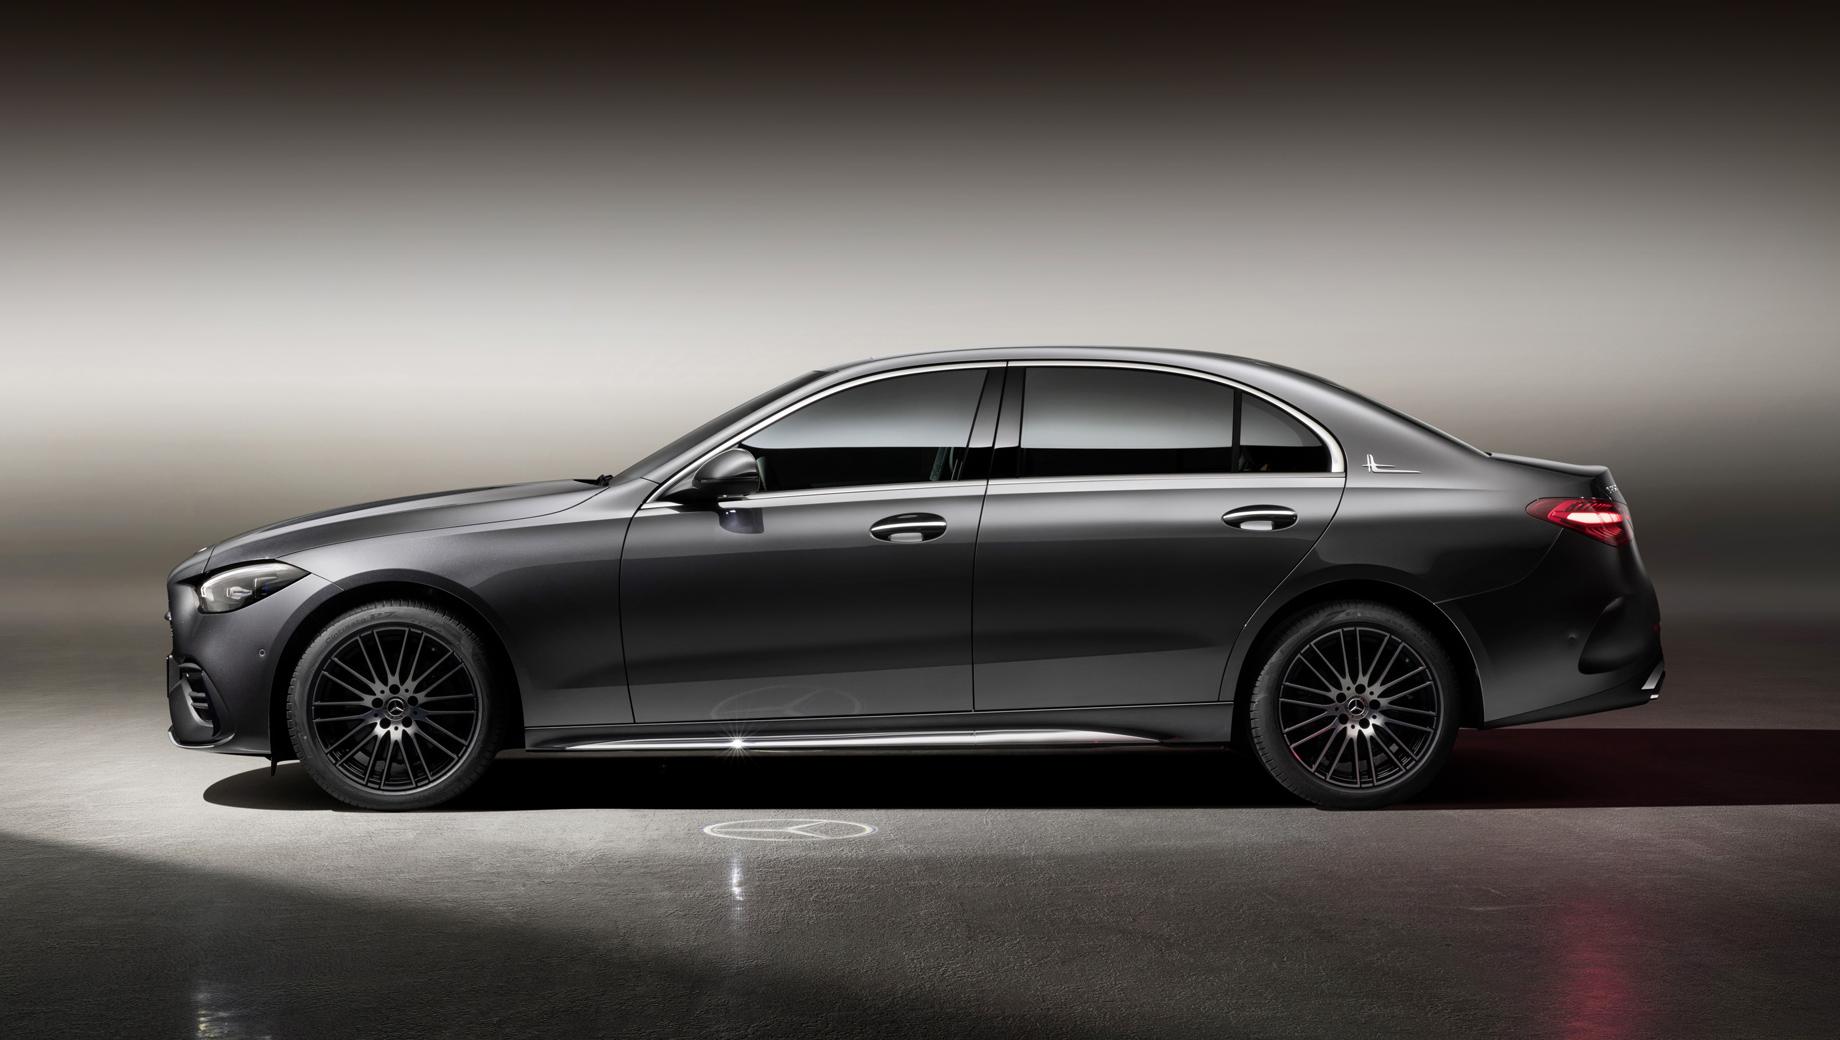 Mercedes-Benz C-класса L обошёл Е-класс по колёсной базе